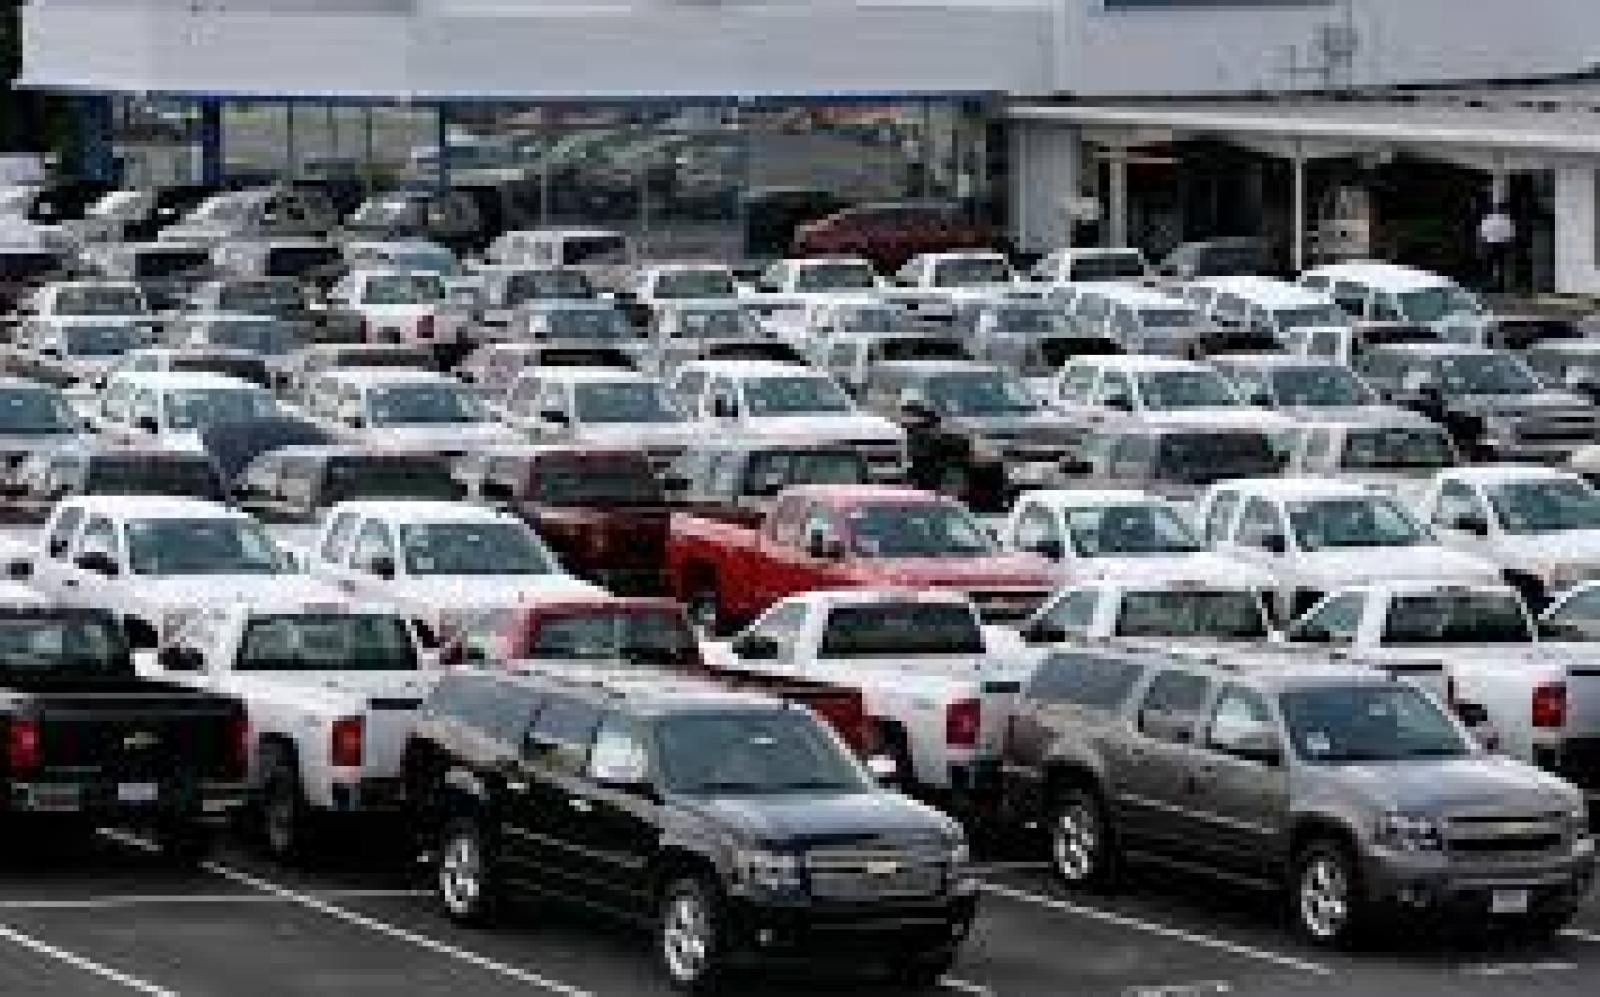 Utkal Automobiles Ltd